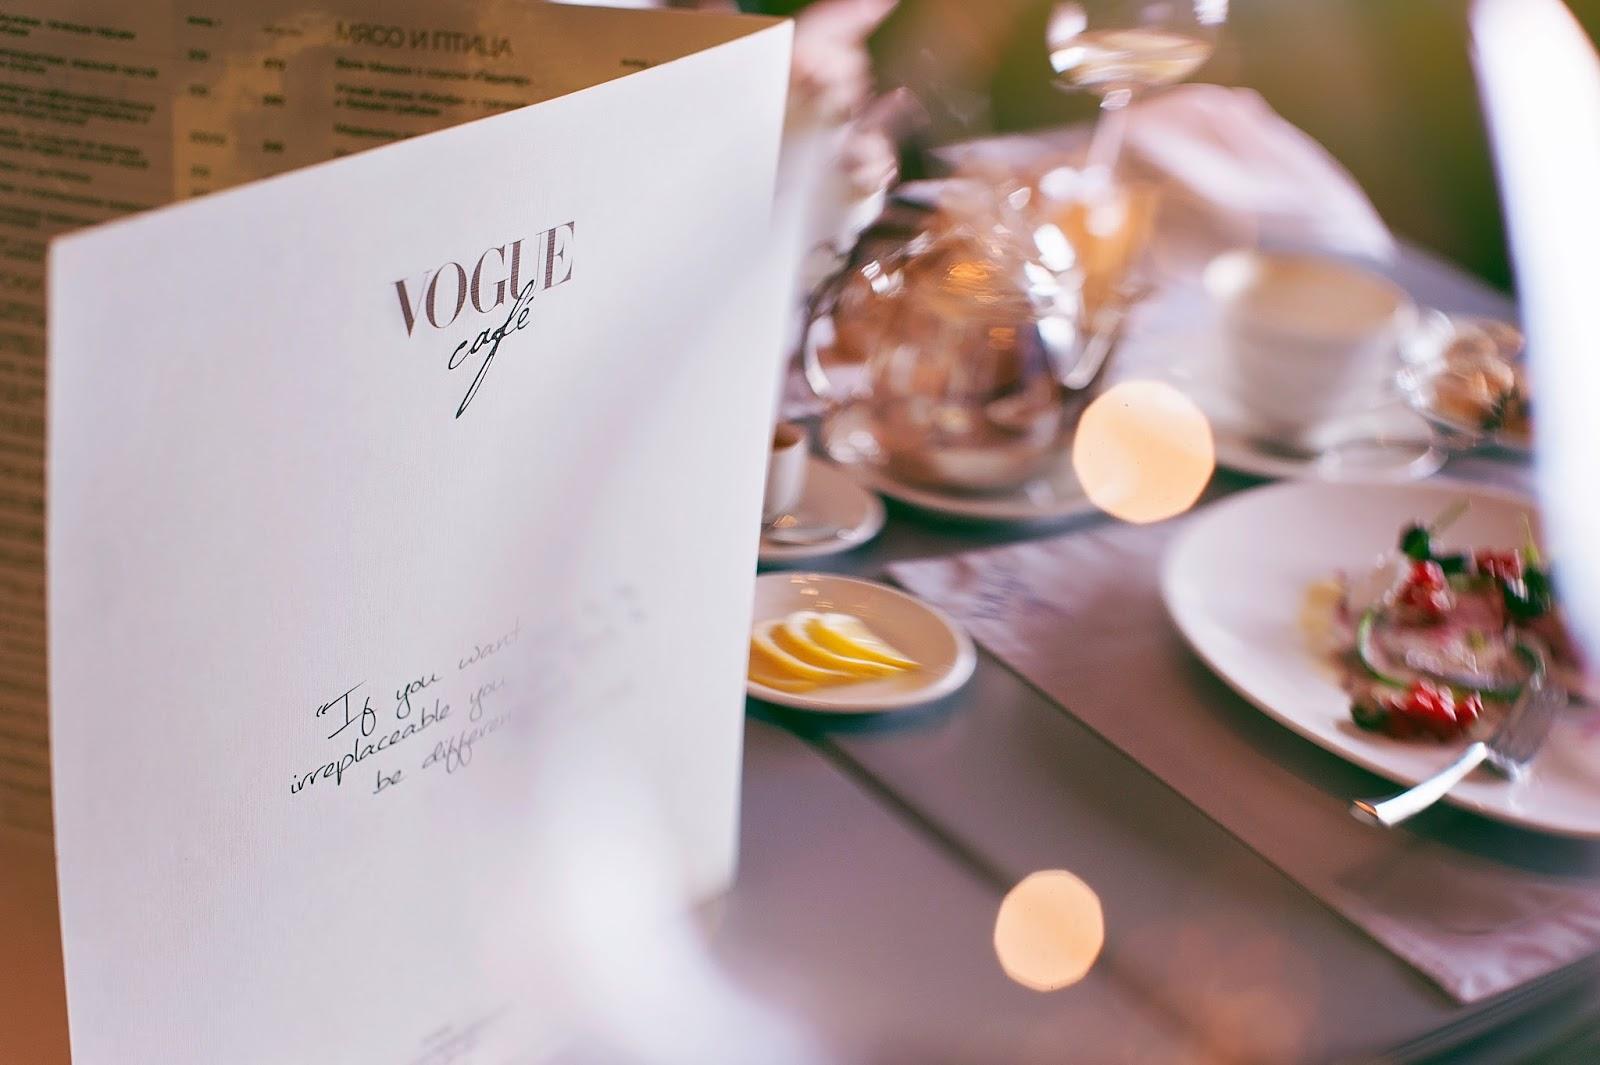 Vogue Cafe Kiev цены обзор меню интерьер